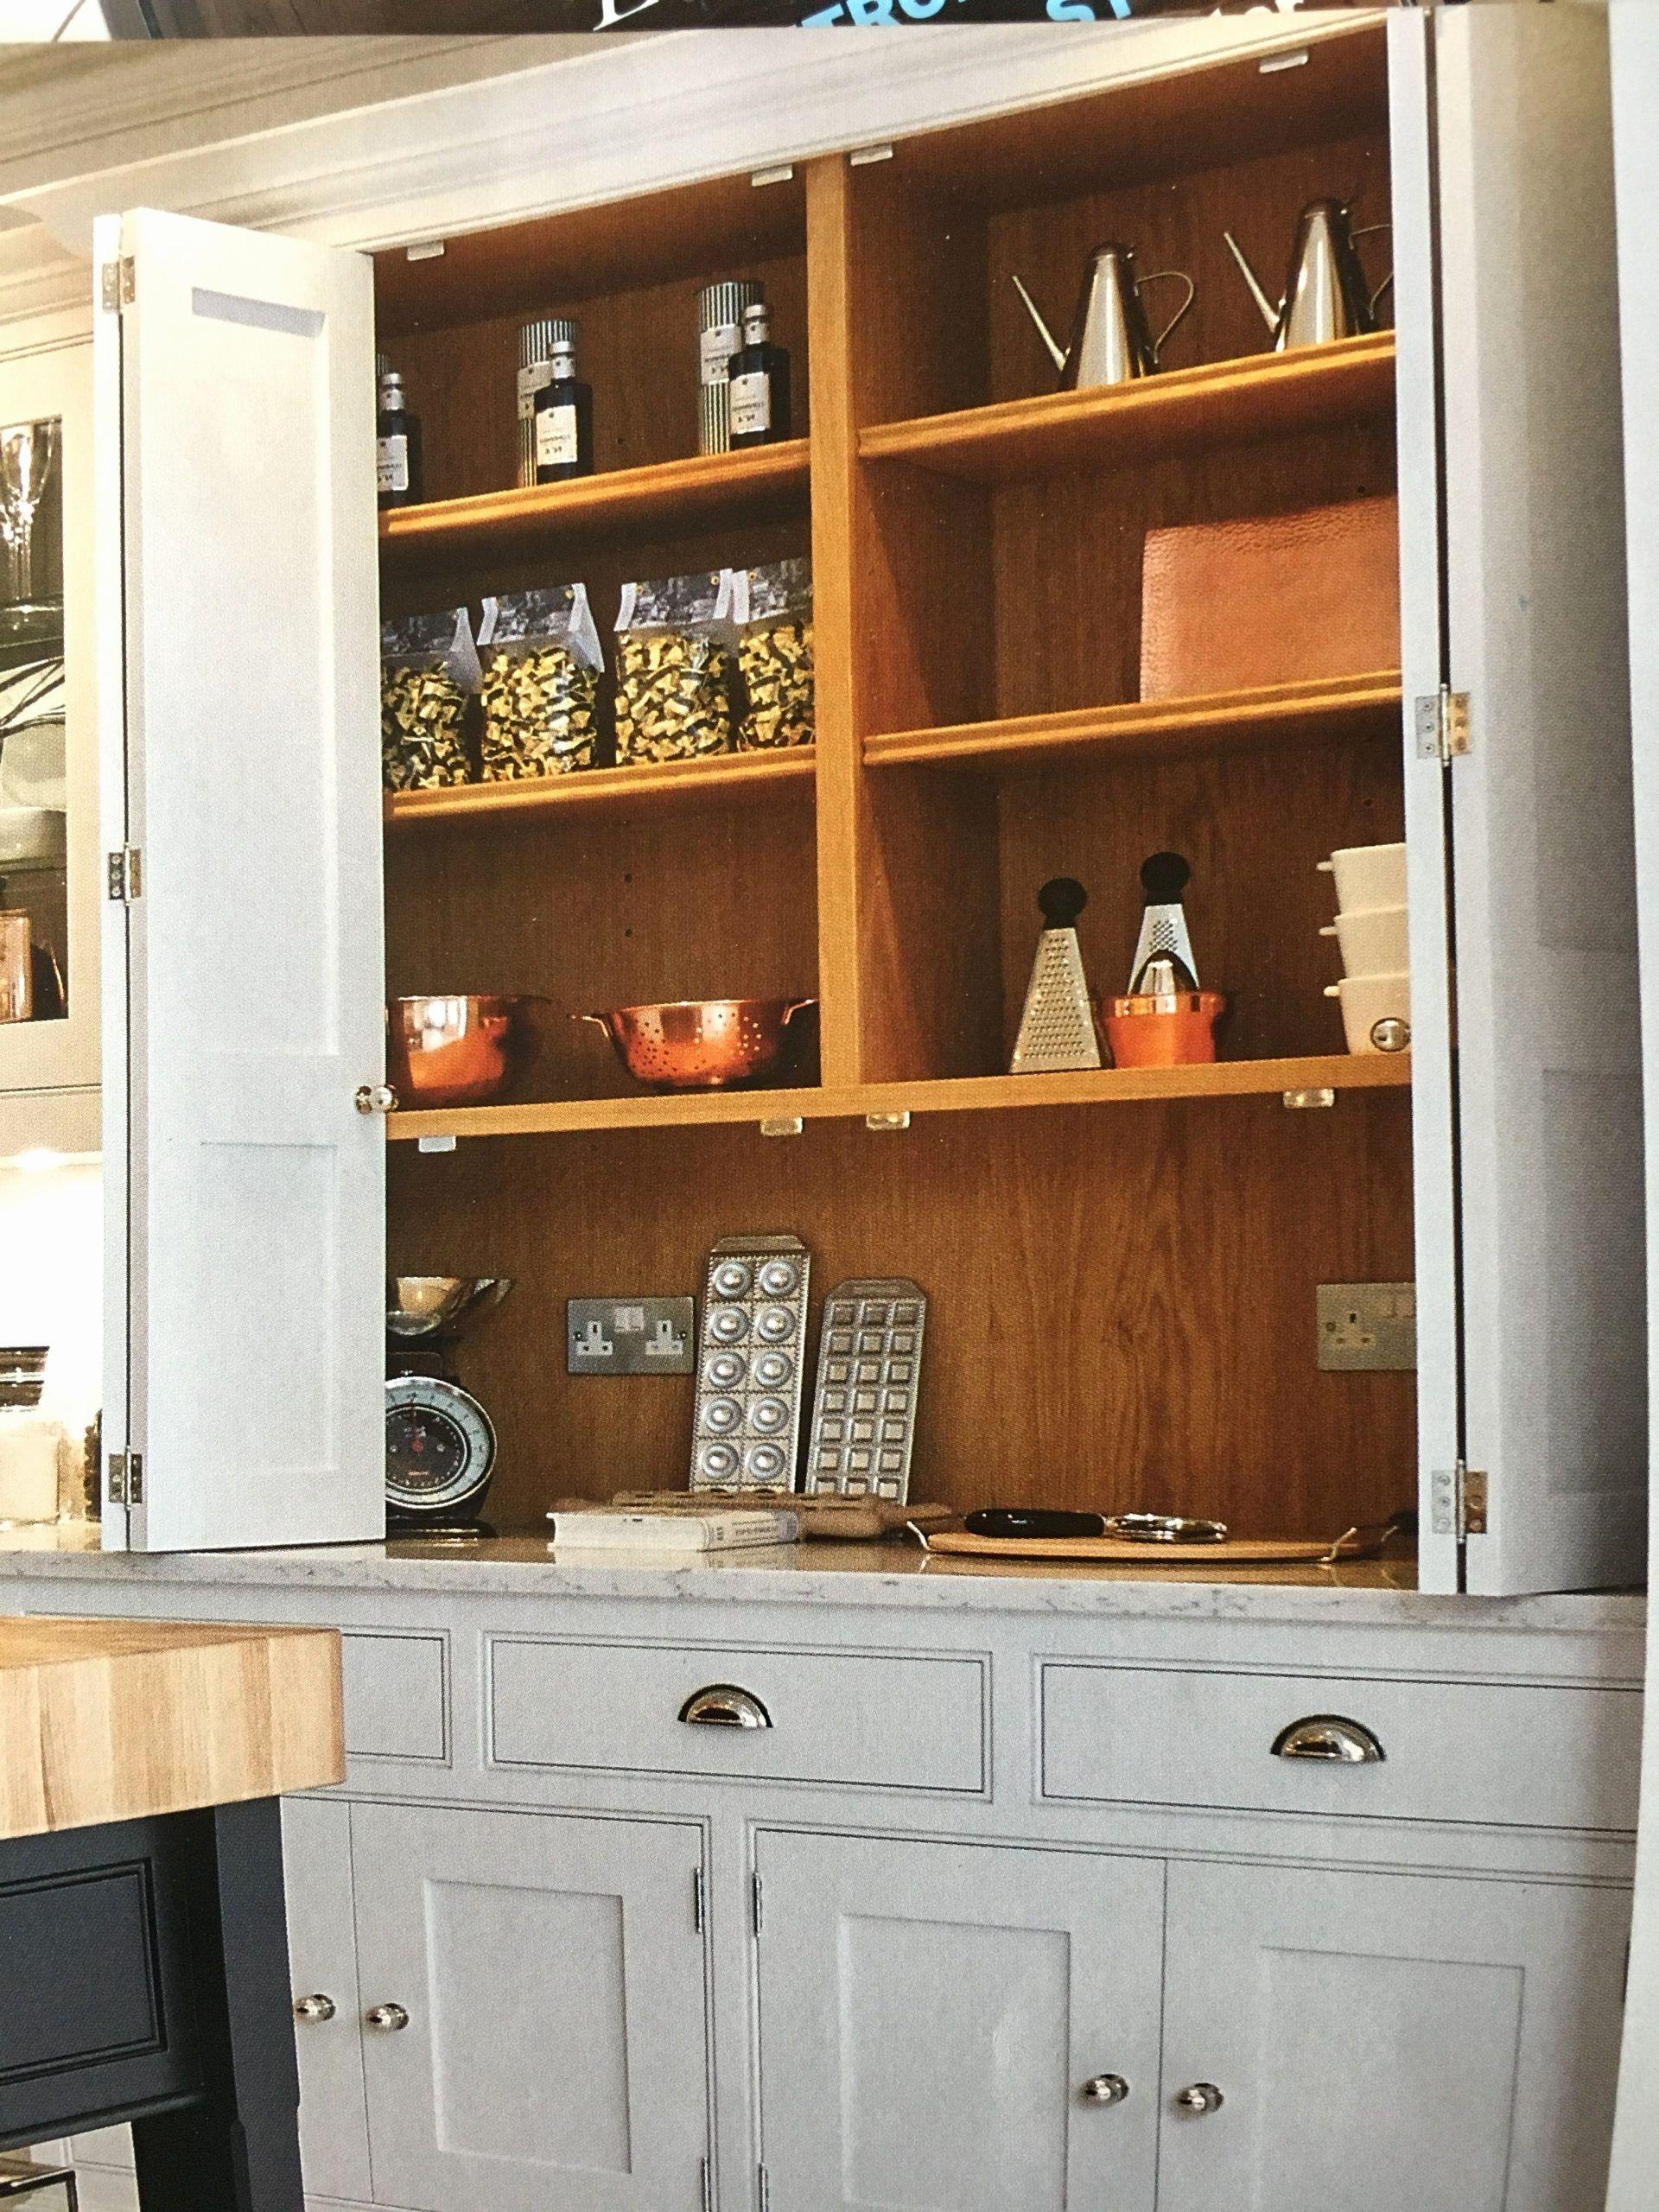 Ikea Replacement Kitchen Doors Best Of Kitchen Paintingn Cupboard Doors Door Designs Replacement In 2020 Replacement Kitchen Doors Kitchen Cabinets Uk Kitchen Armoire